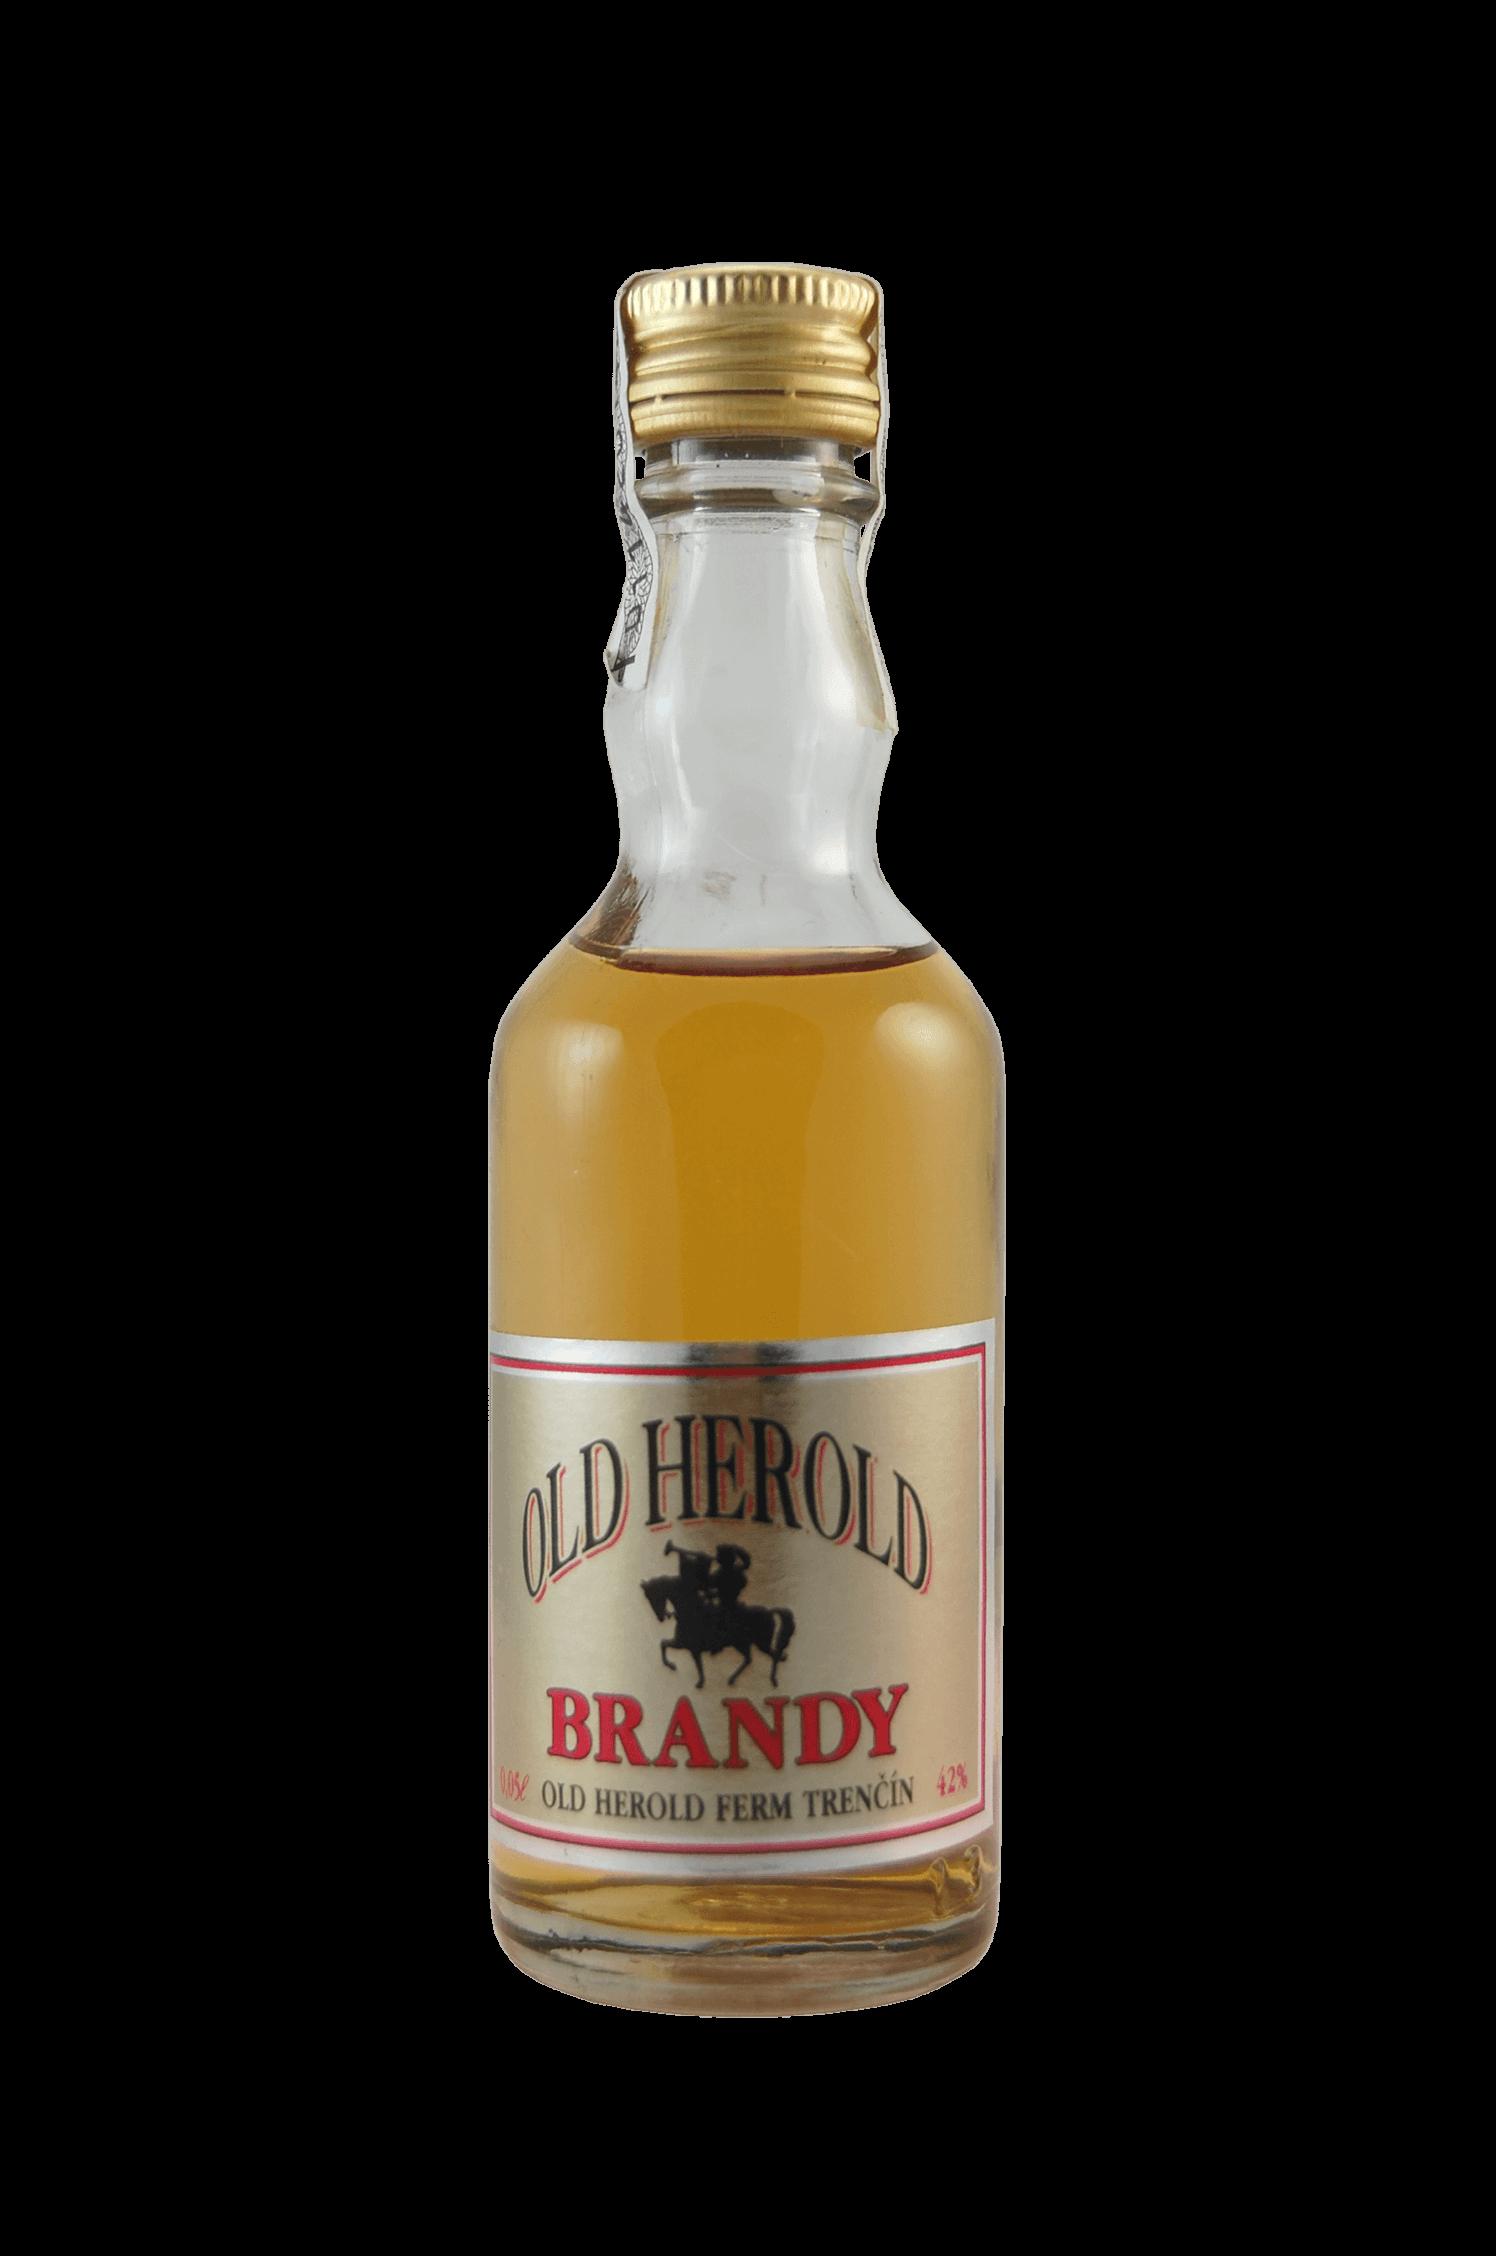 Old Herold Brandy